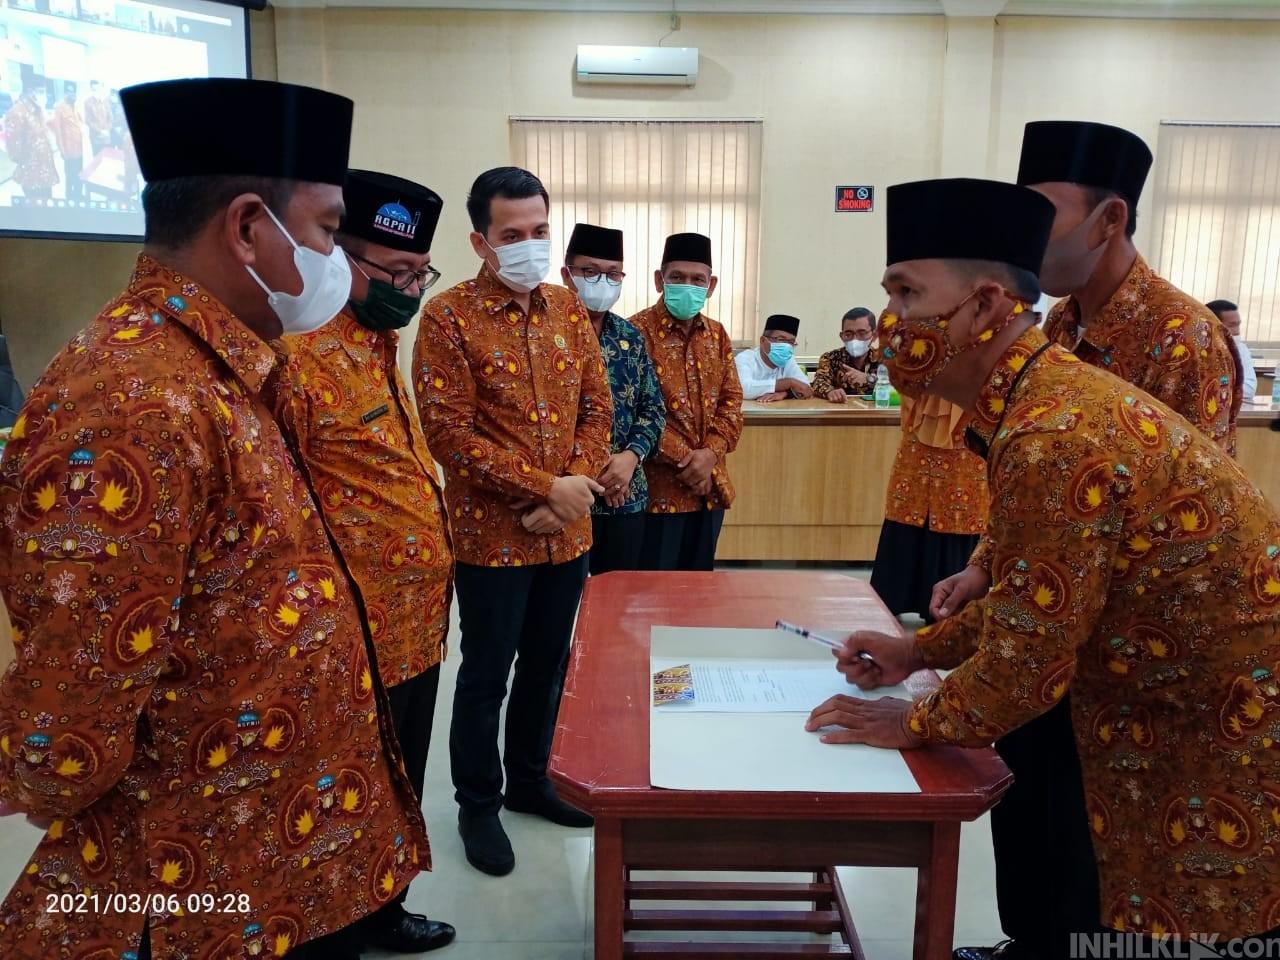 Pelantikan DPD AGPAII Sergai, Dihadiri Bupati Darma Wijaya dan Ketua DPRD dr Riski